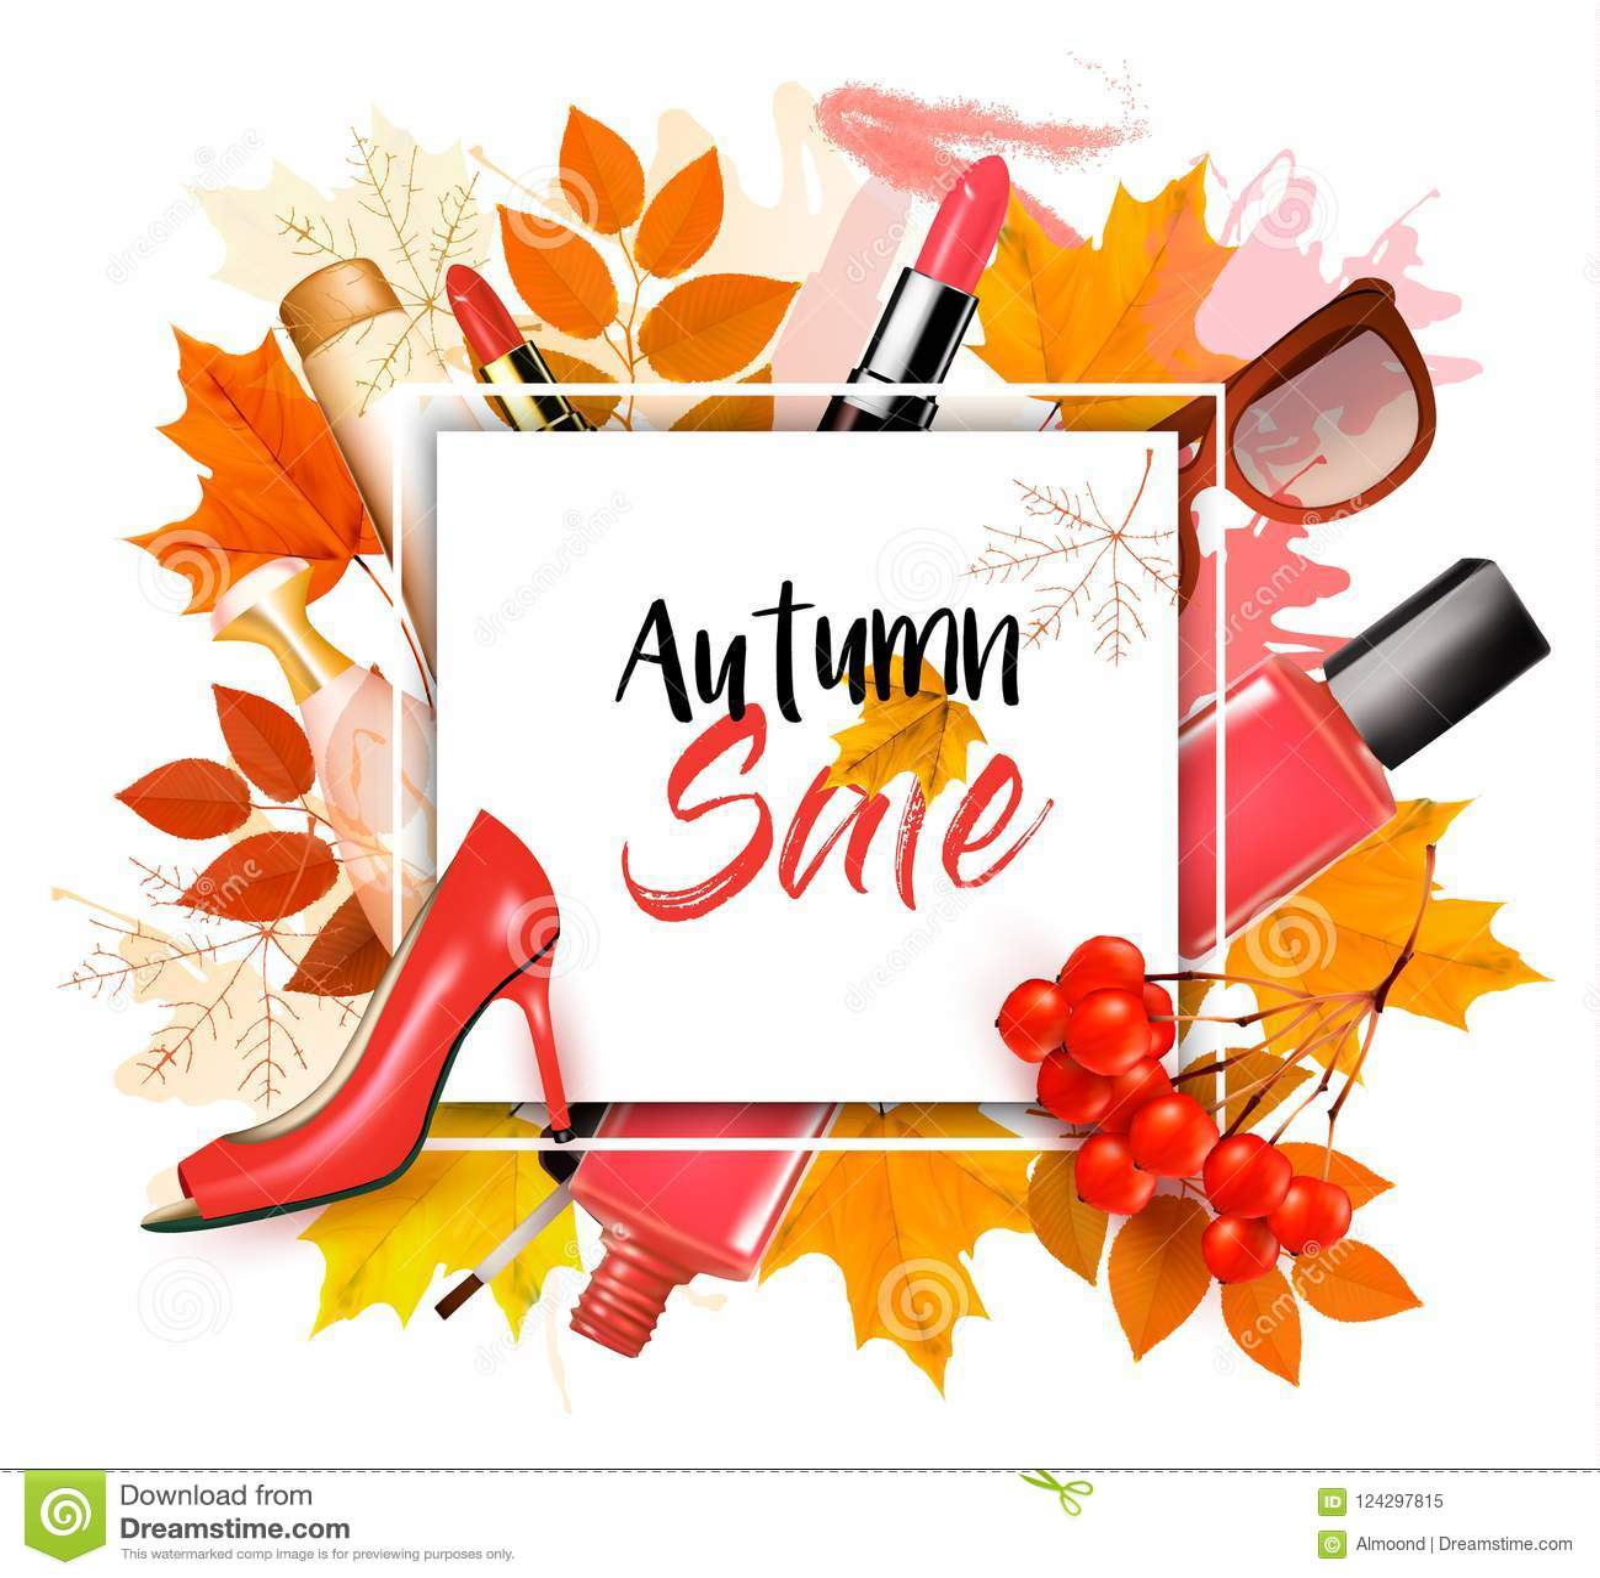 Disfrute del fondo de Autumn Sales con las hojas de otoño